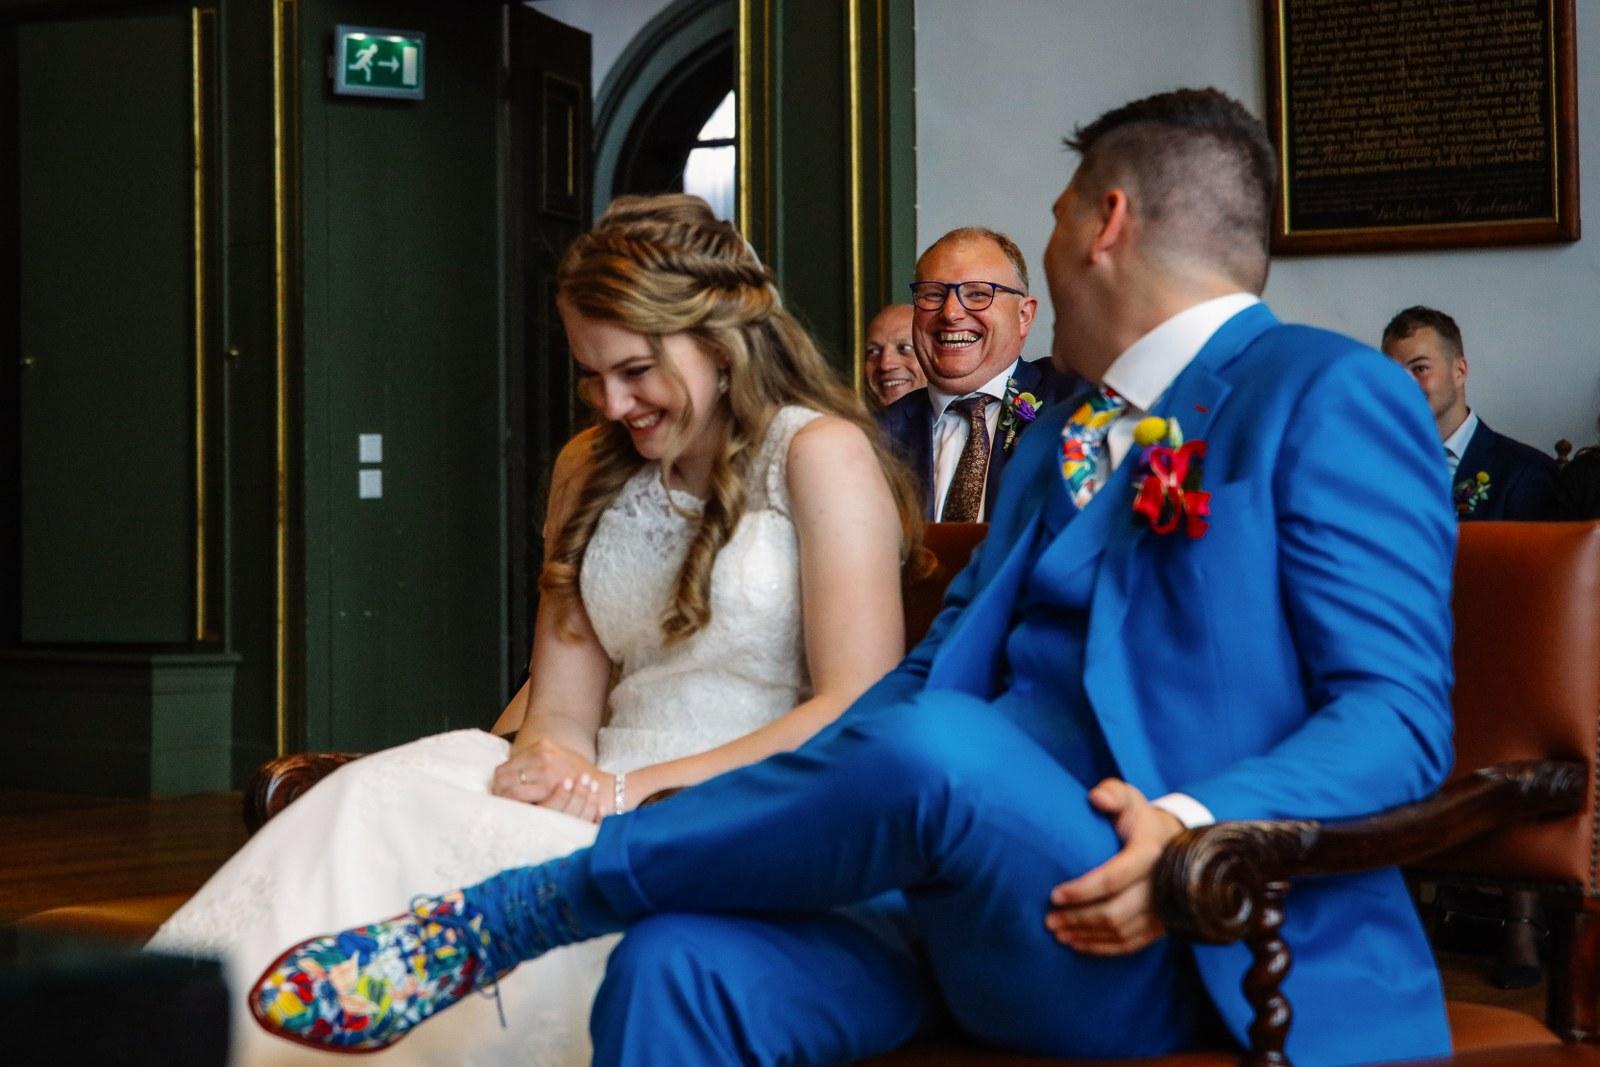 De bloemenprint van de schoenen ook in je trouwpak